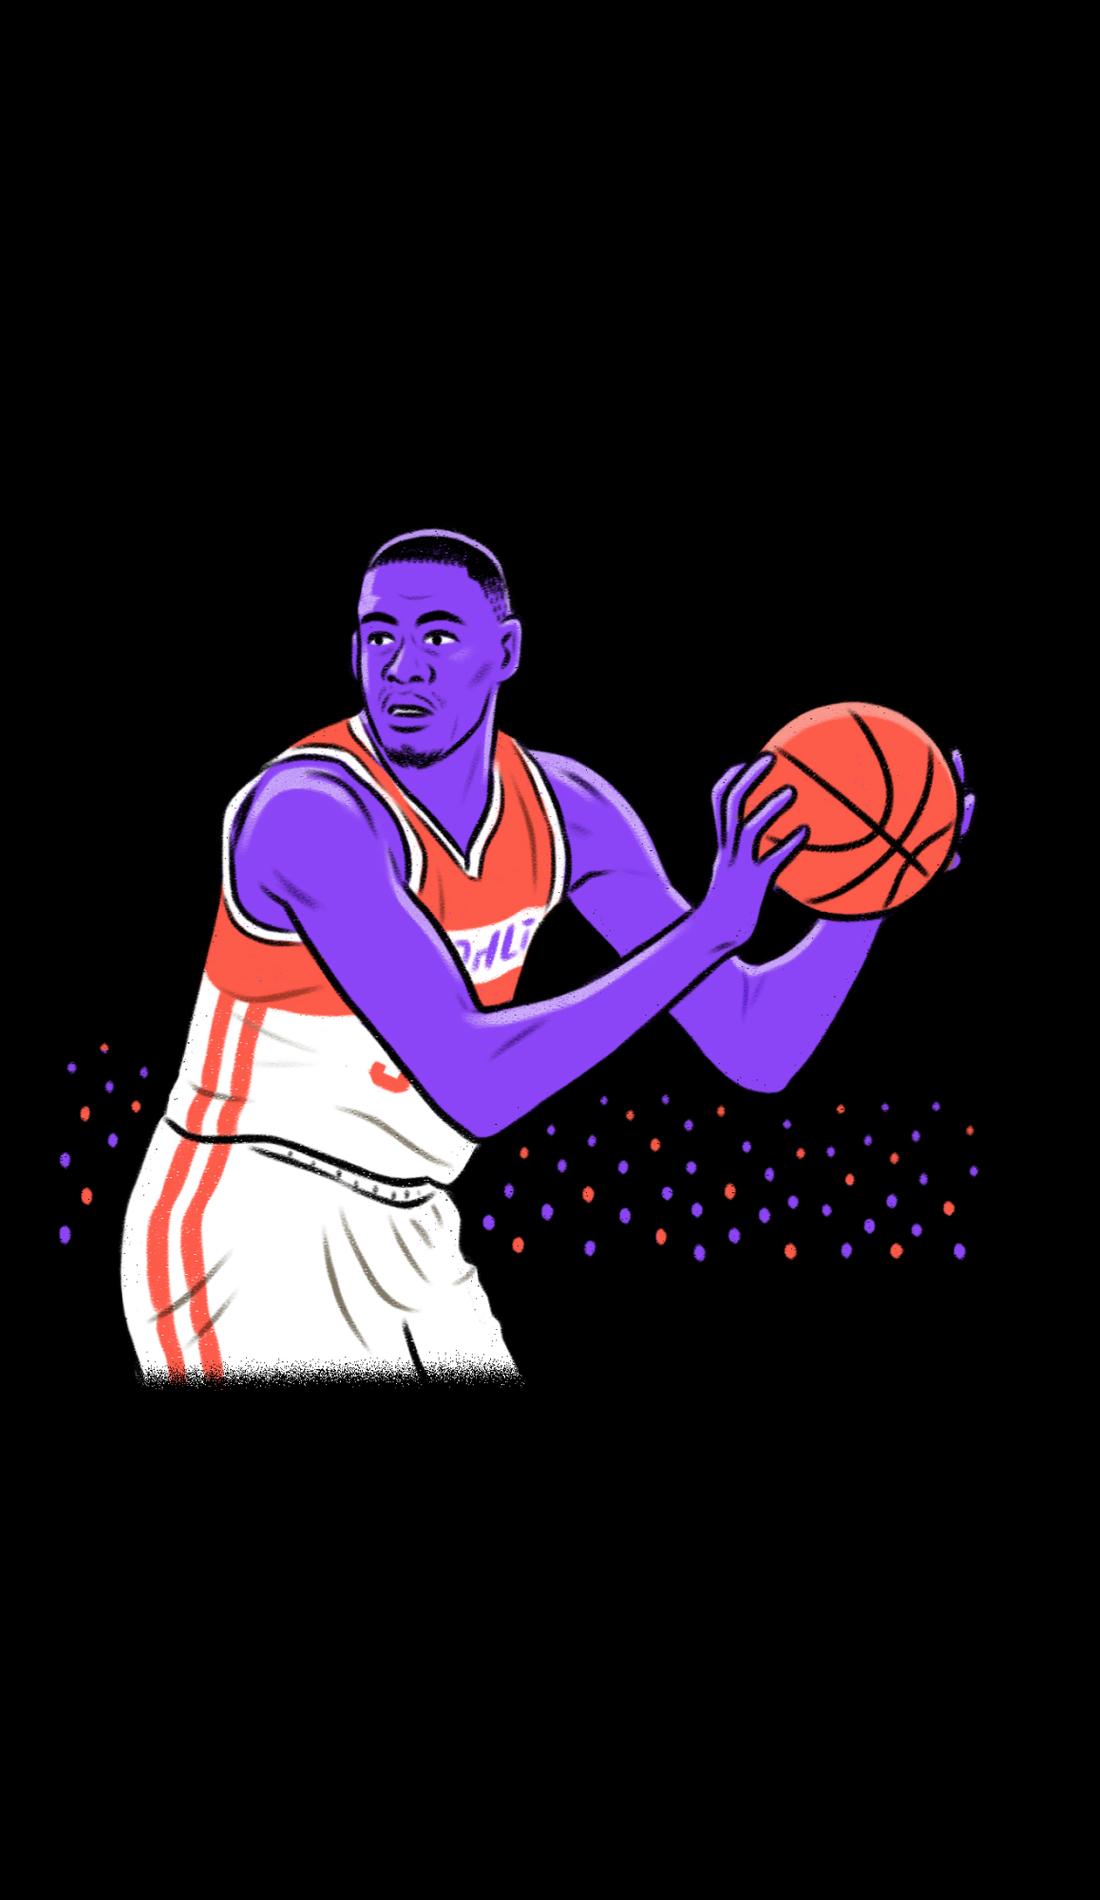 A UM Kansas City Roos Basketball live event